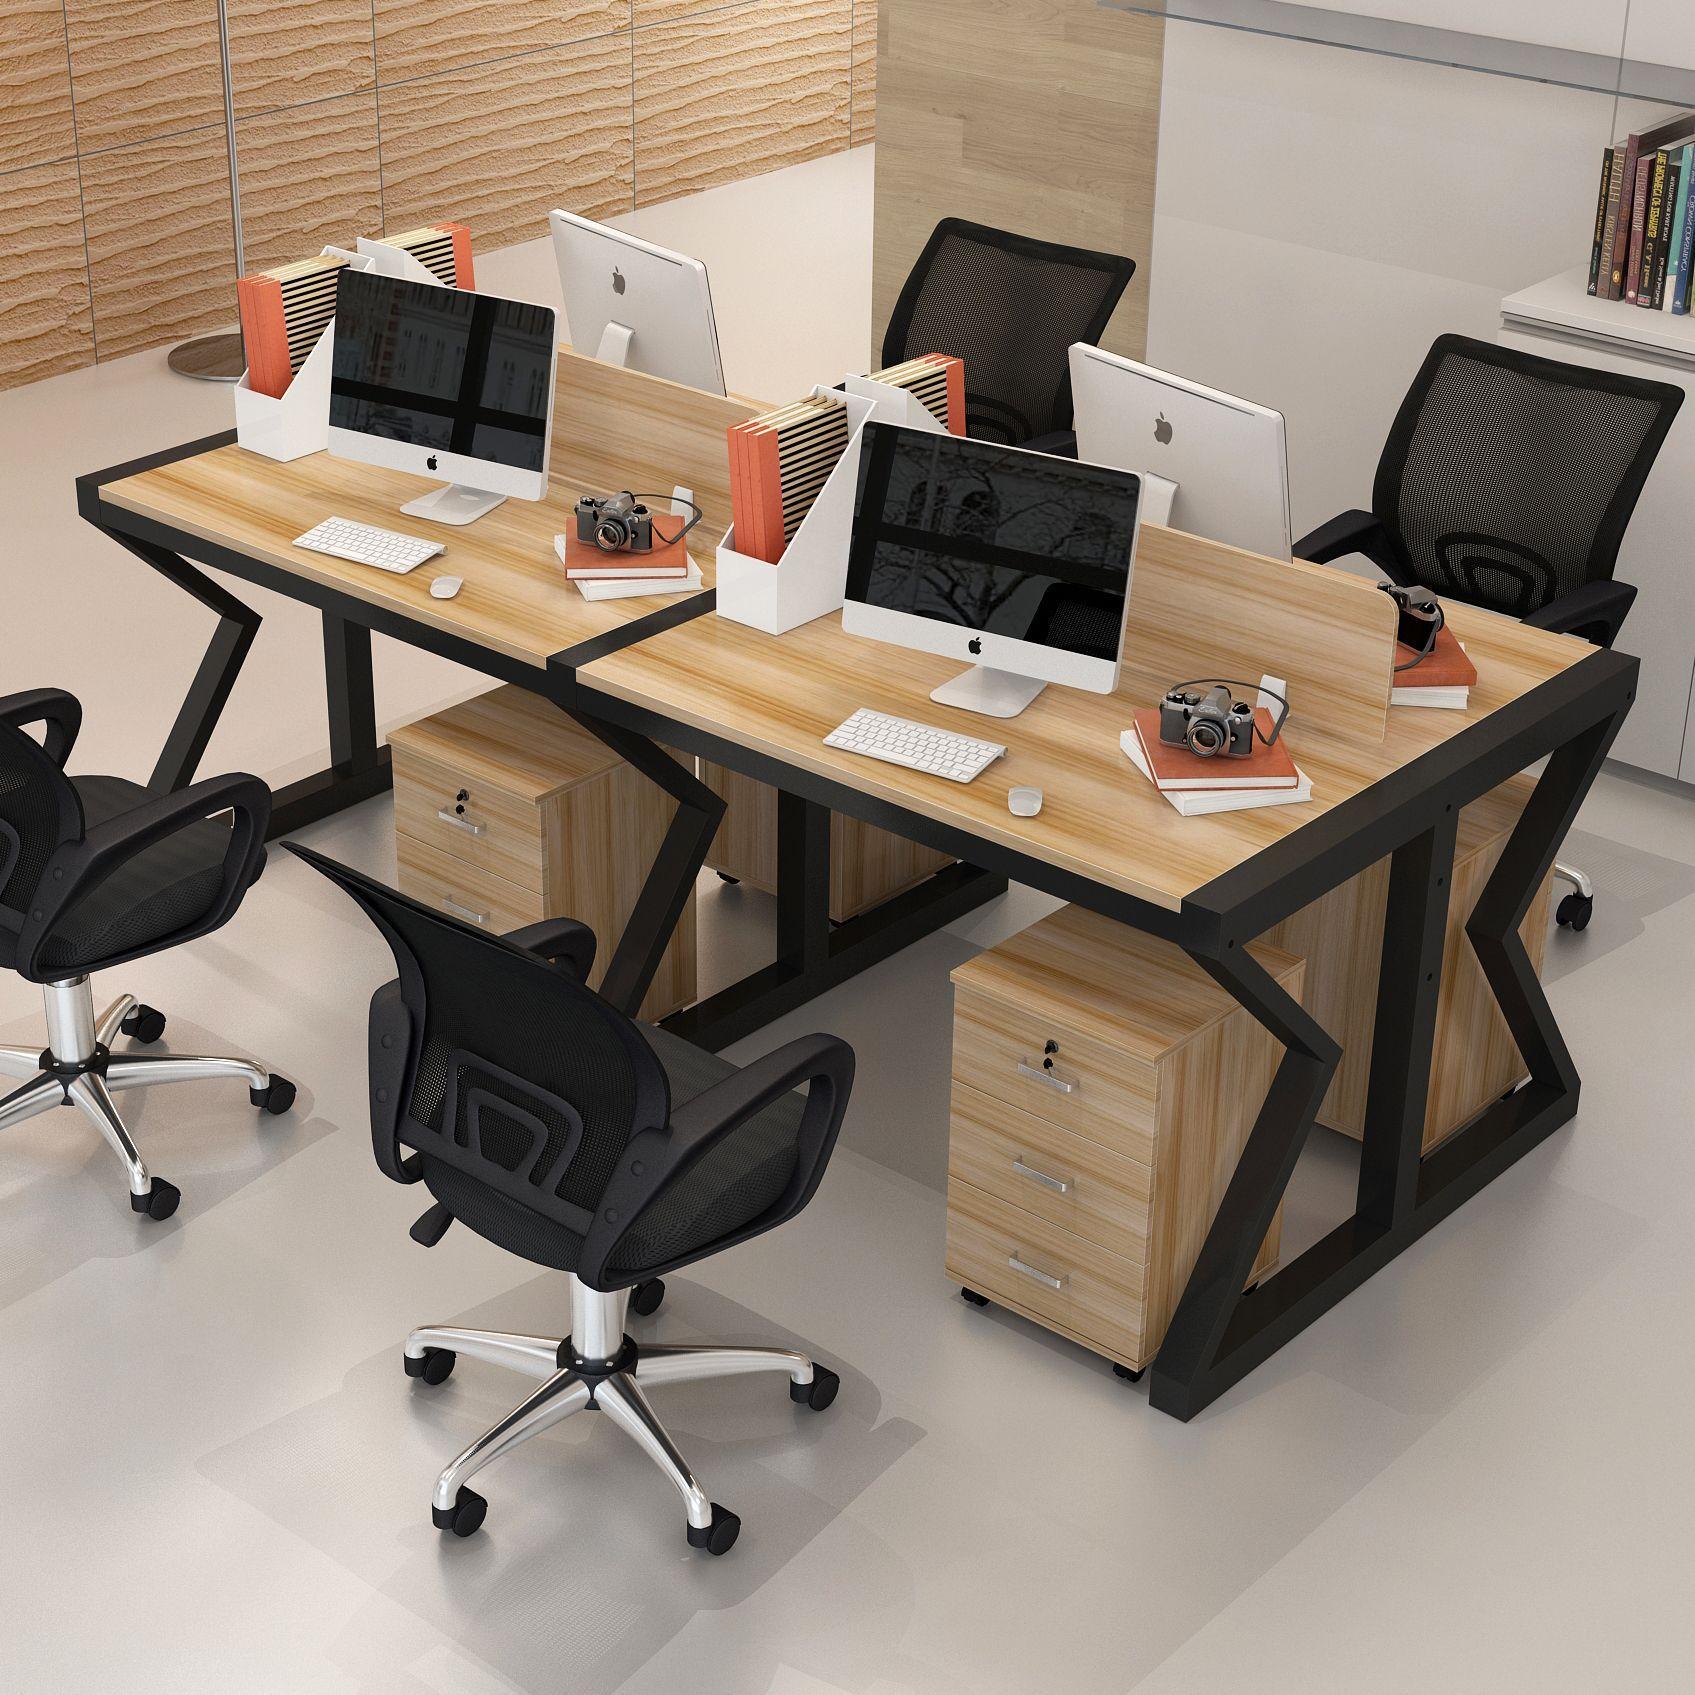 AOJIE Thị trường nội thất văn phòng Bàn làm việc nhân đôi nóng bốn người bốn bàn máy tính bàn ghế kế